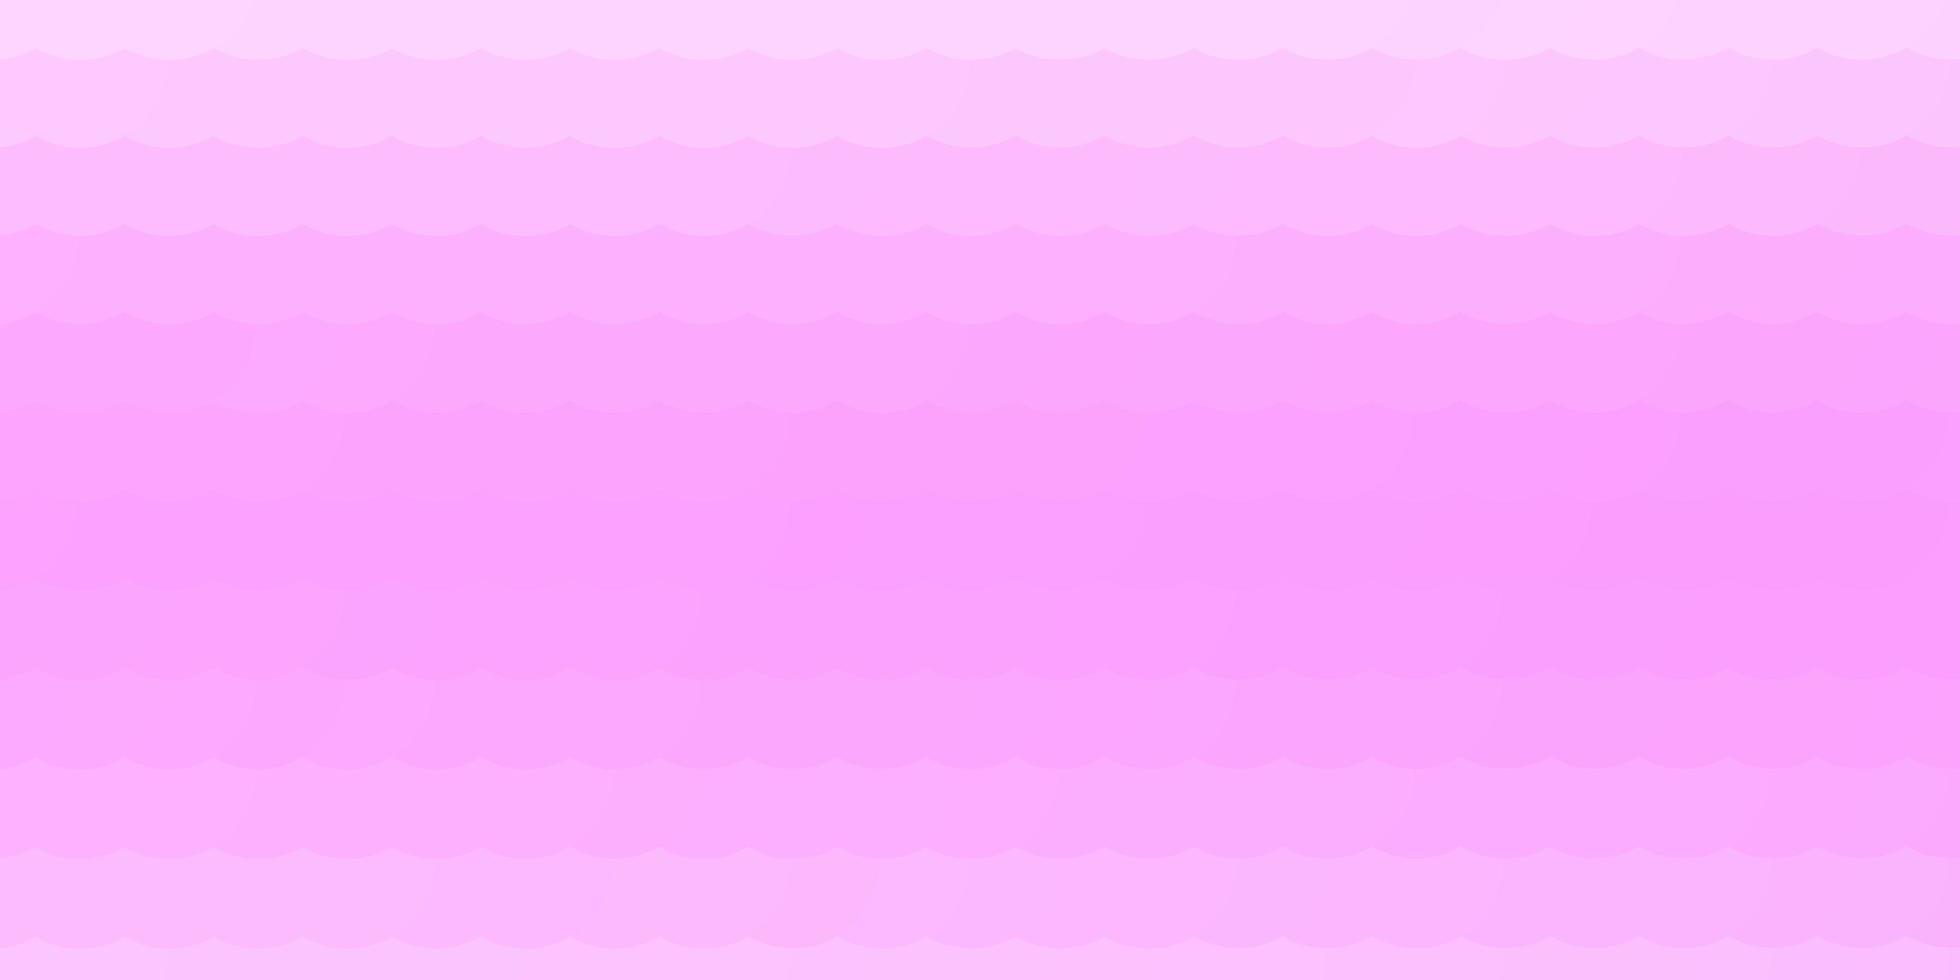 ljusrosa vektormall med cirklar. vektor